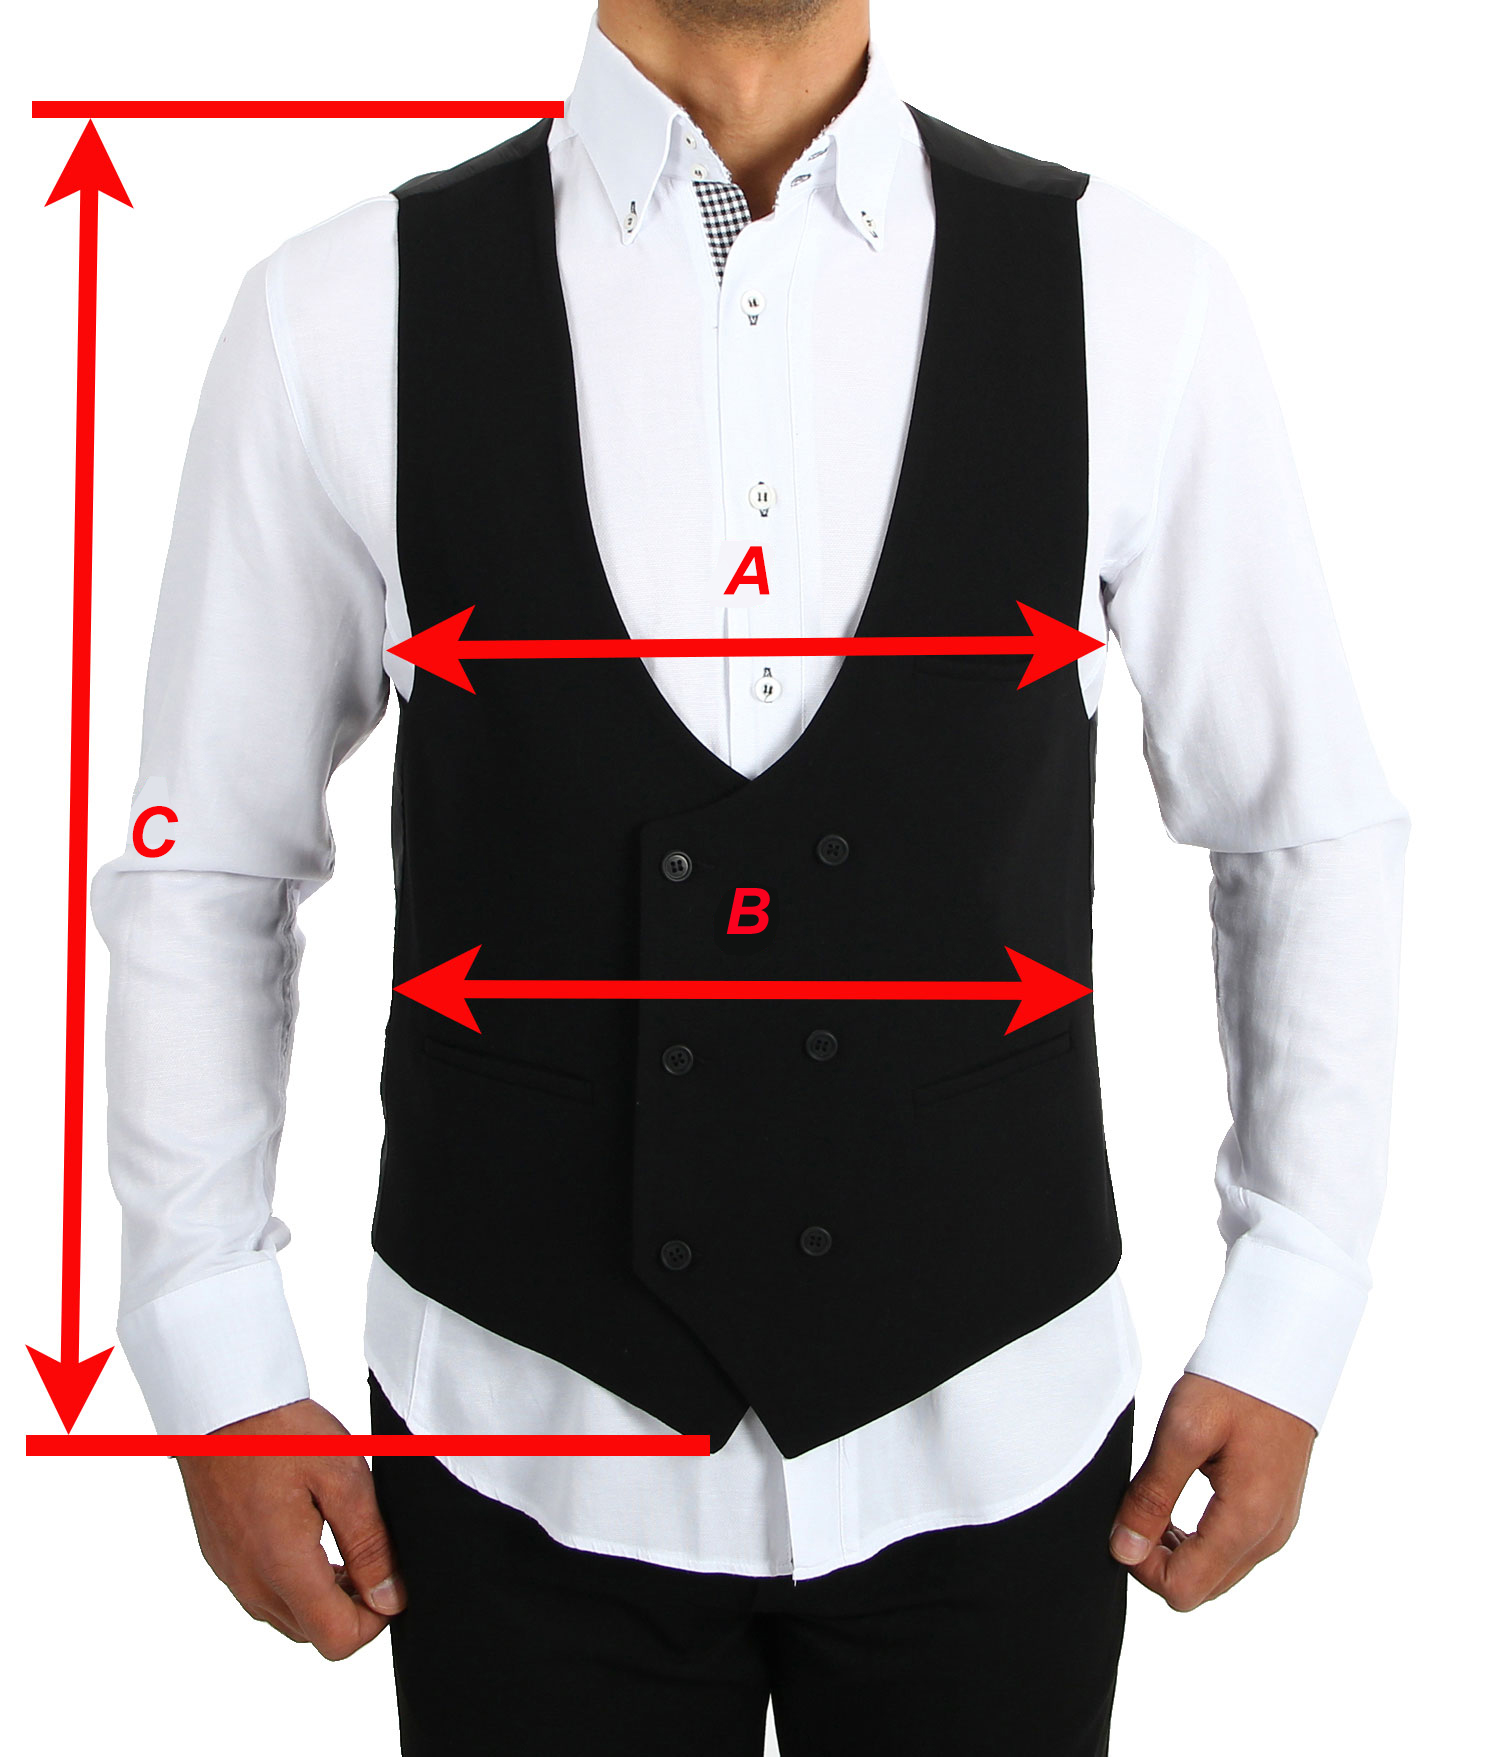 Herren Anzug Weste Anzugsweste Schwarz//Wei/ß gestreifte Zweireiher Weste Vintage Stil von HK Mandel